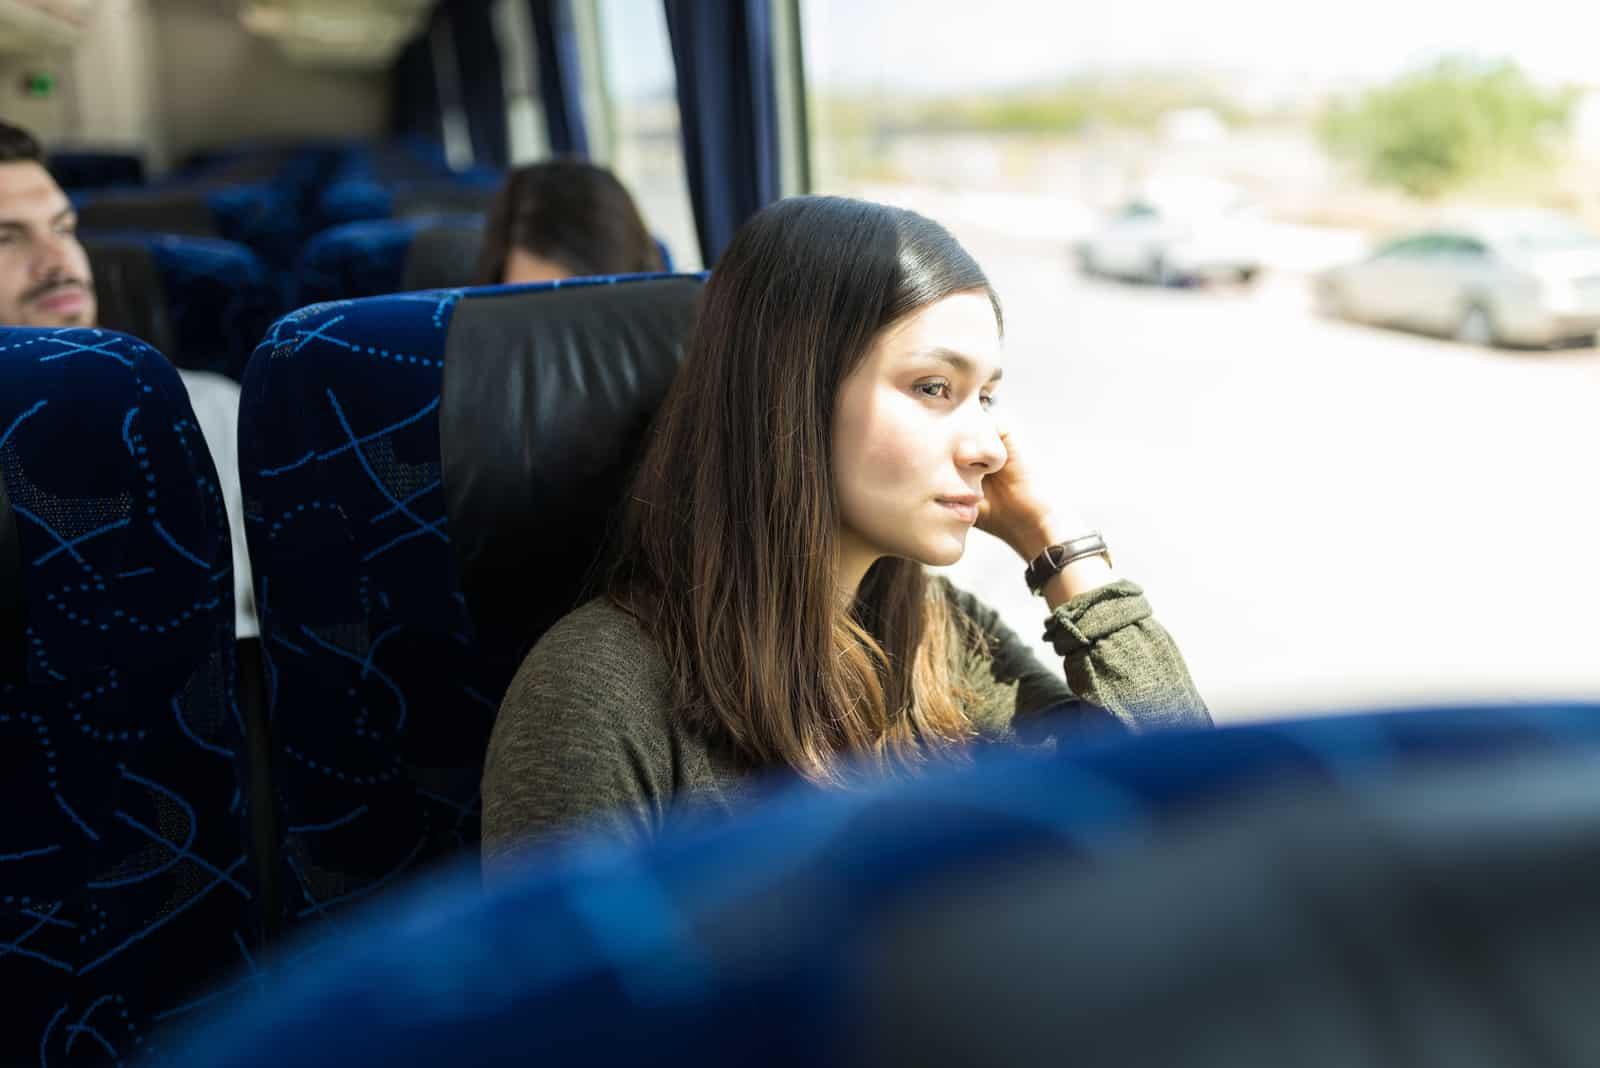 Femme regardant par la fenêtre lors d'un voyage en bus